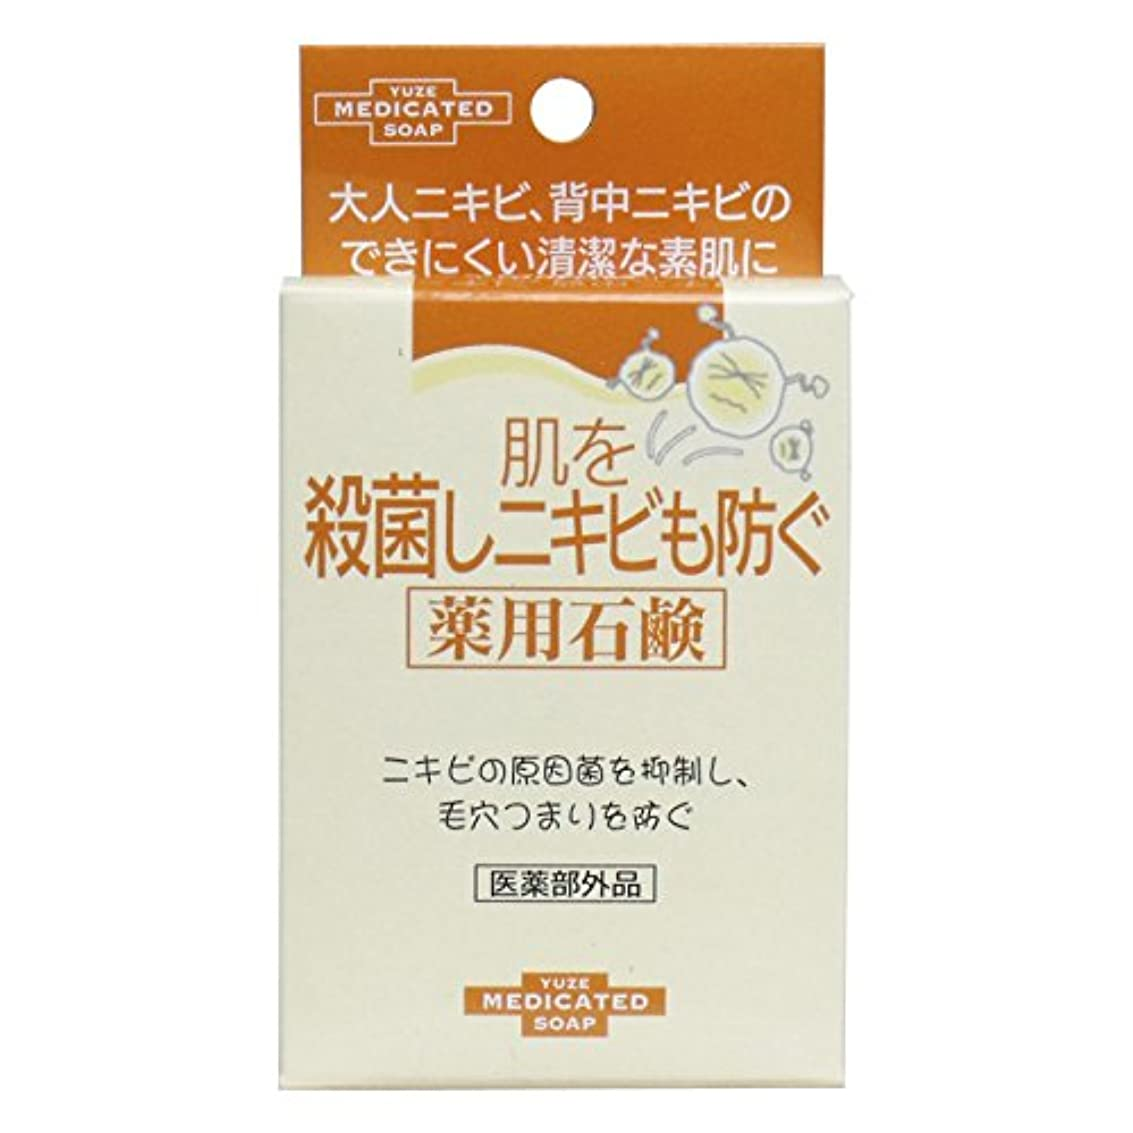 毎月知事かんがいユゼ 肌を殺菌しニキビも防ぐ薬用石鹸 (110g)